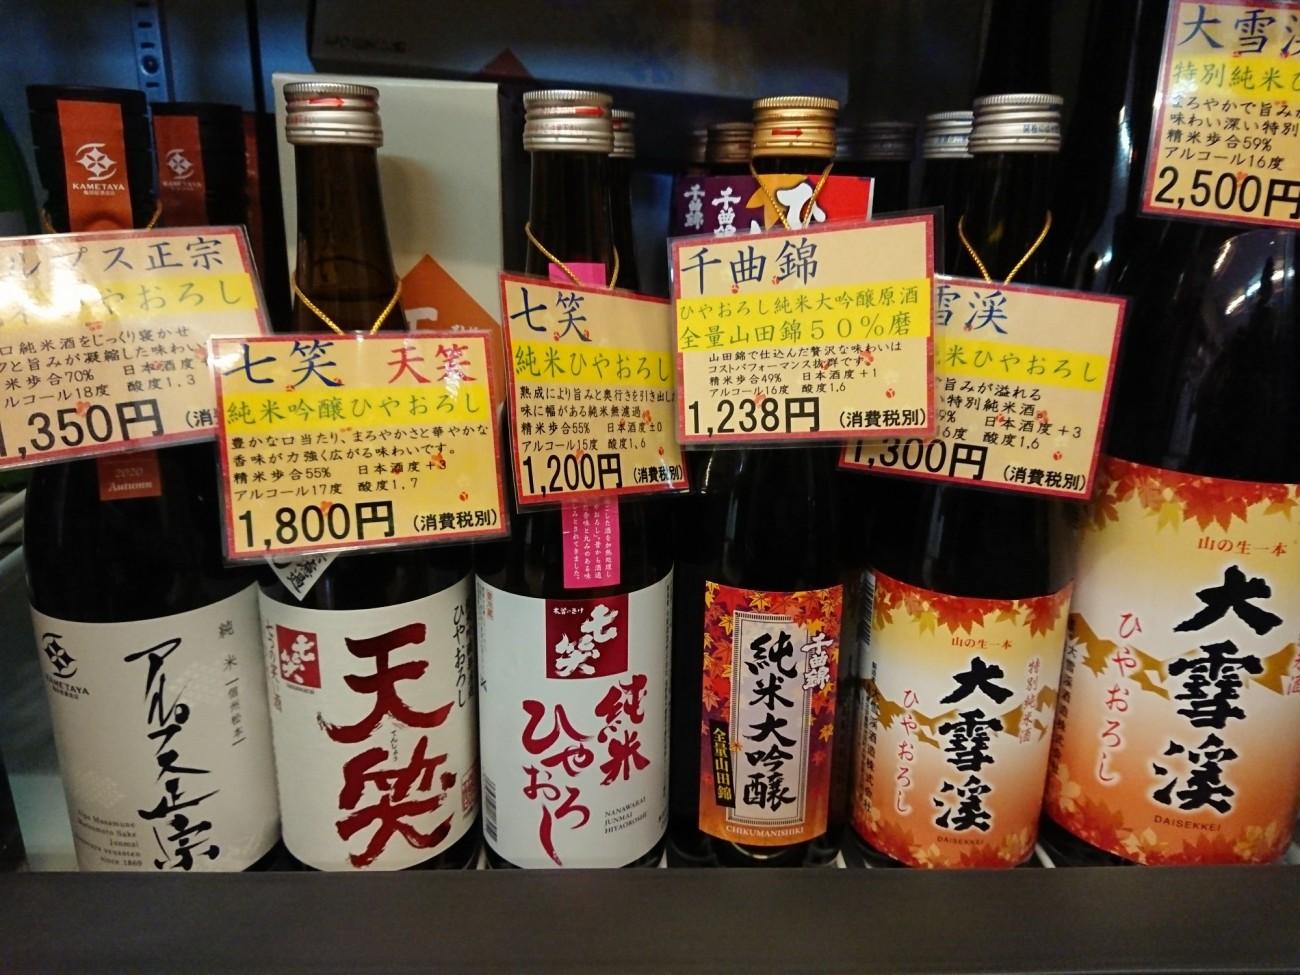 秋の酒・ひやおろし  販売中です。